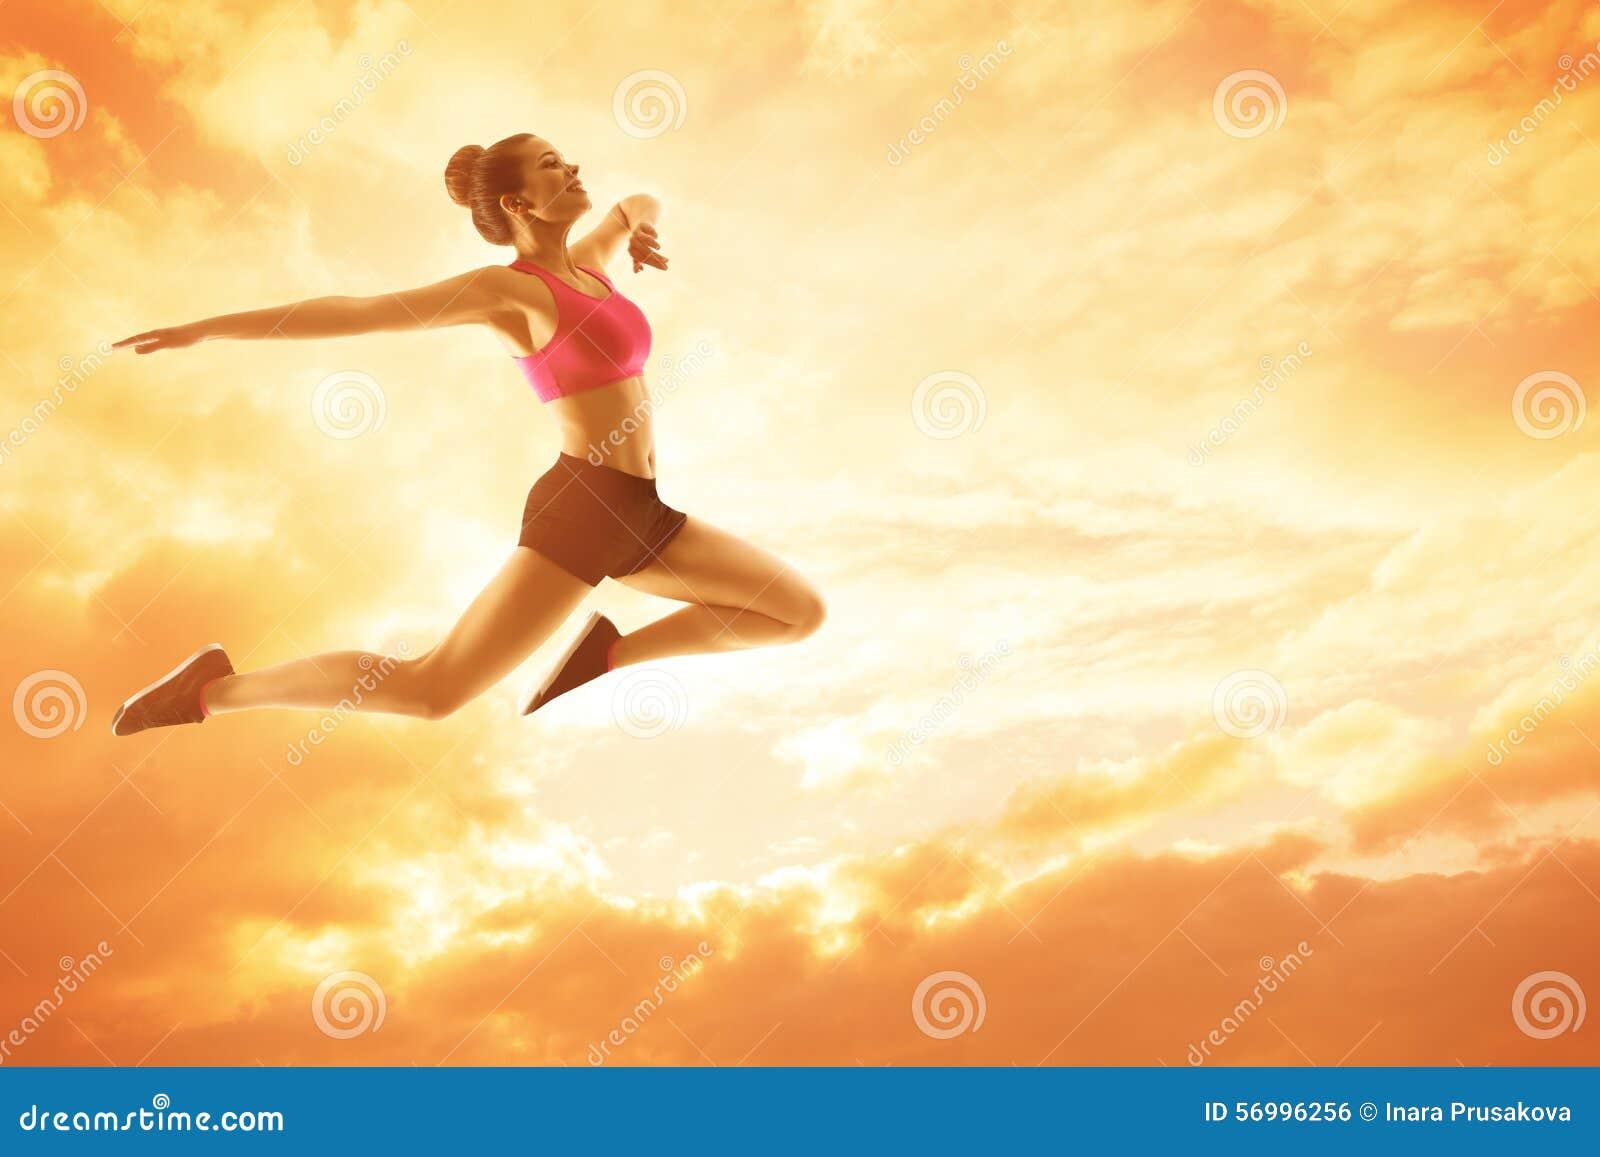 Funcionamiento de la mujer del deporte, atleta Girl Jump, concepto feliz de la aptitud